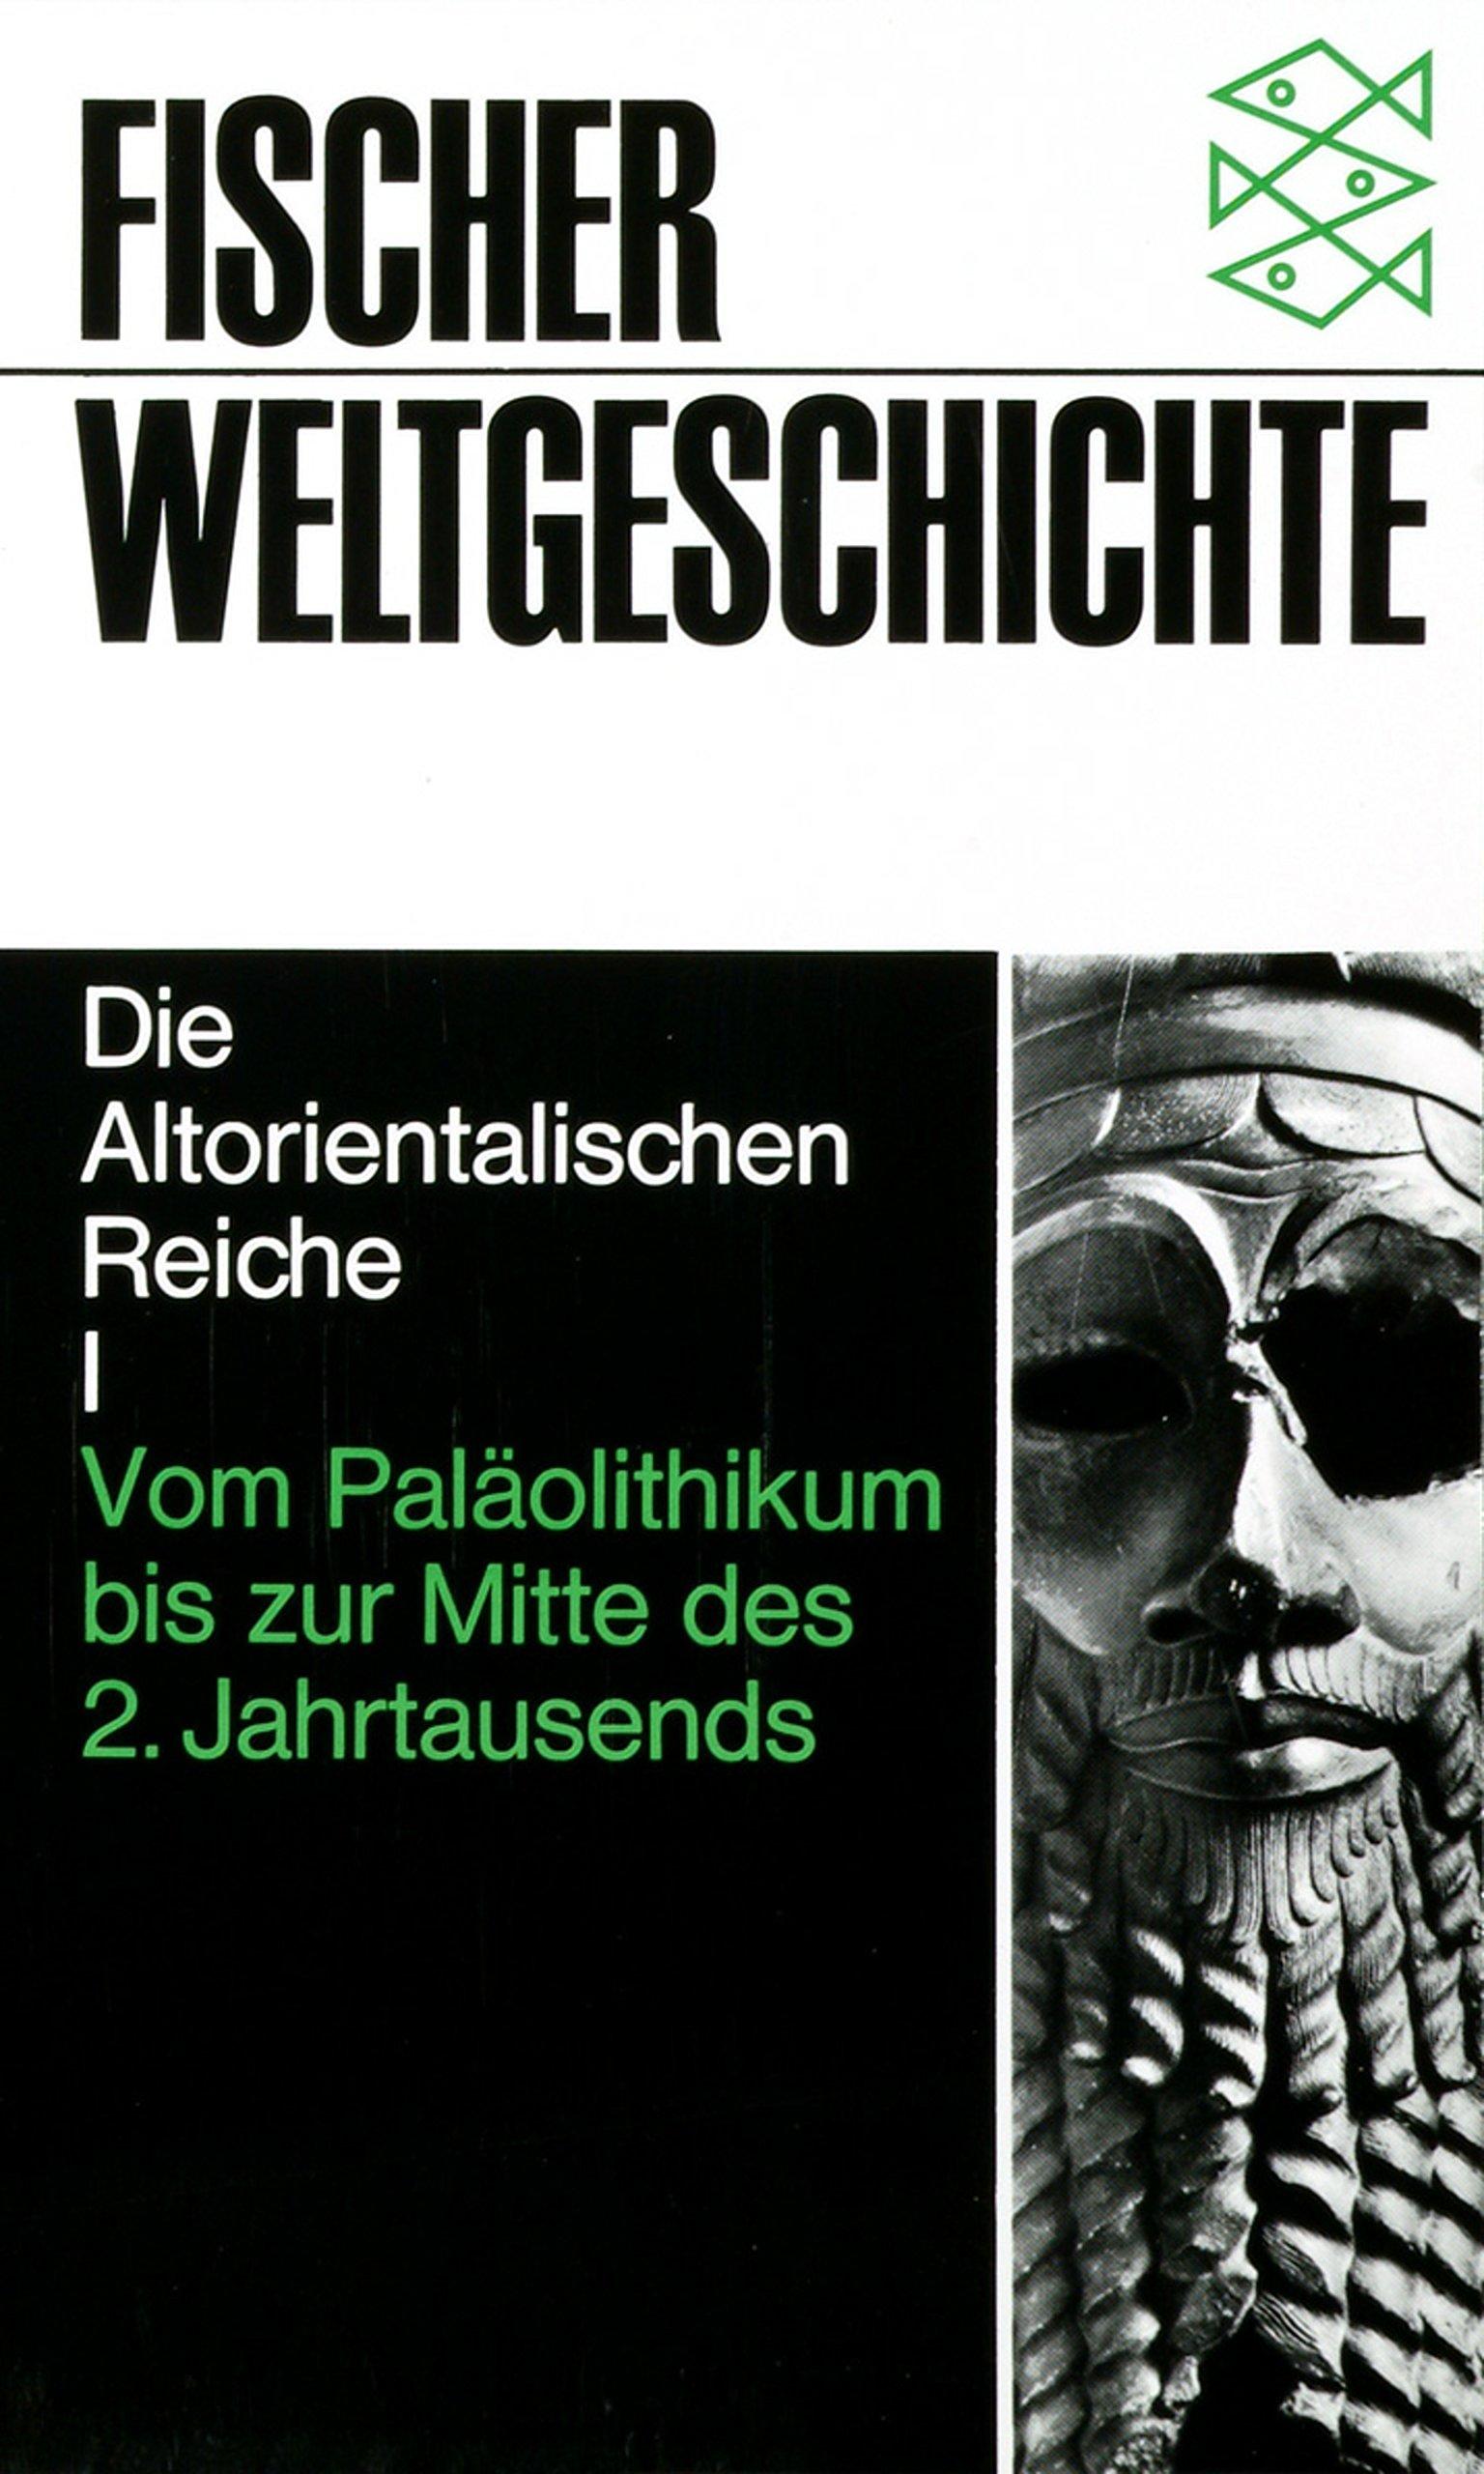 Fischer Weltgeschichte, Bd.2, Die Altorientalischen Reiche I - Vom Paläolithikum bis zur Mitte des 2. Jahrtausends